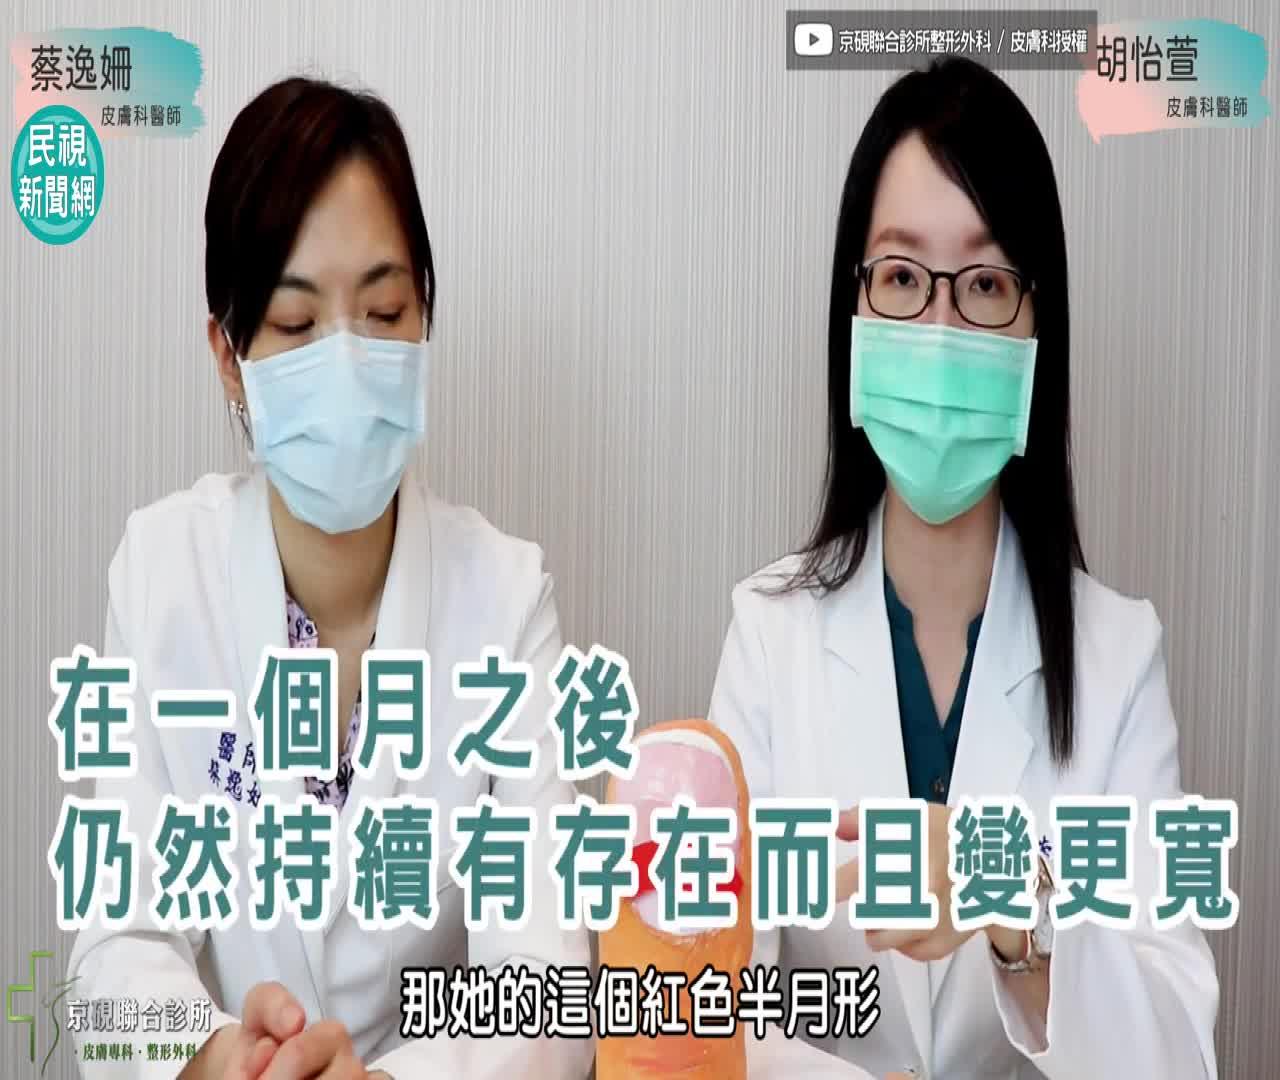 影/武漢肺炎新病徵?醫師:注意指甲3症狀